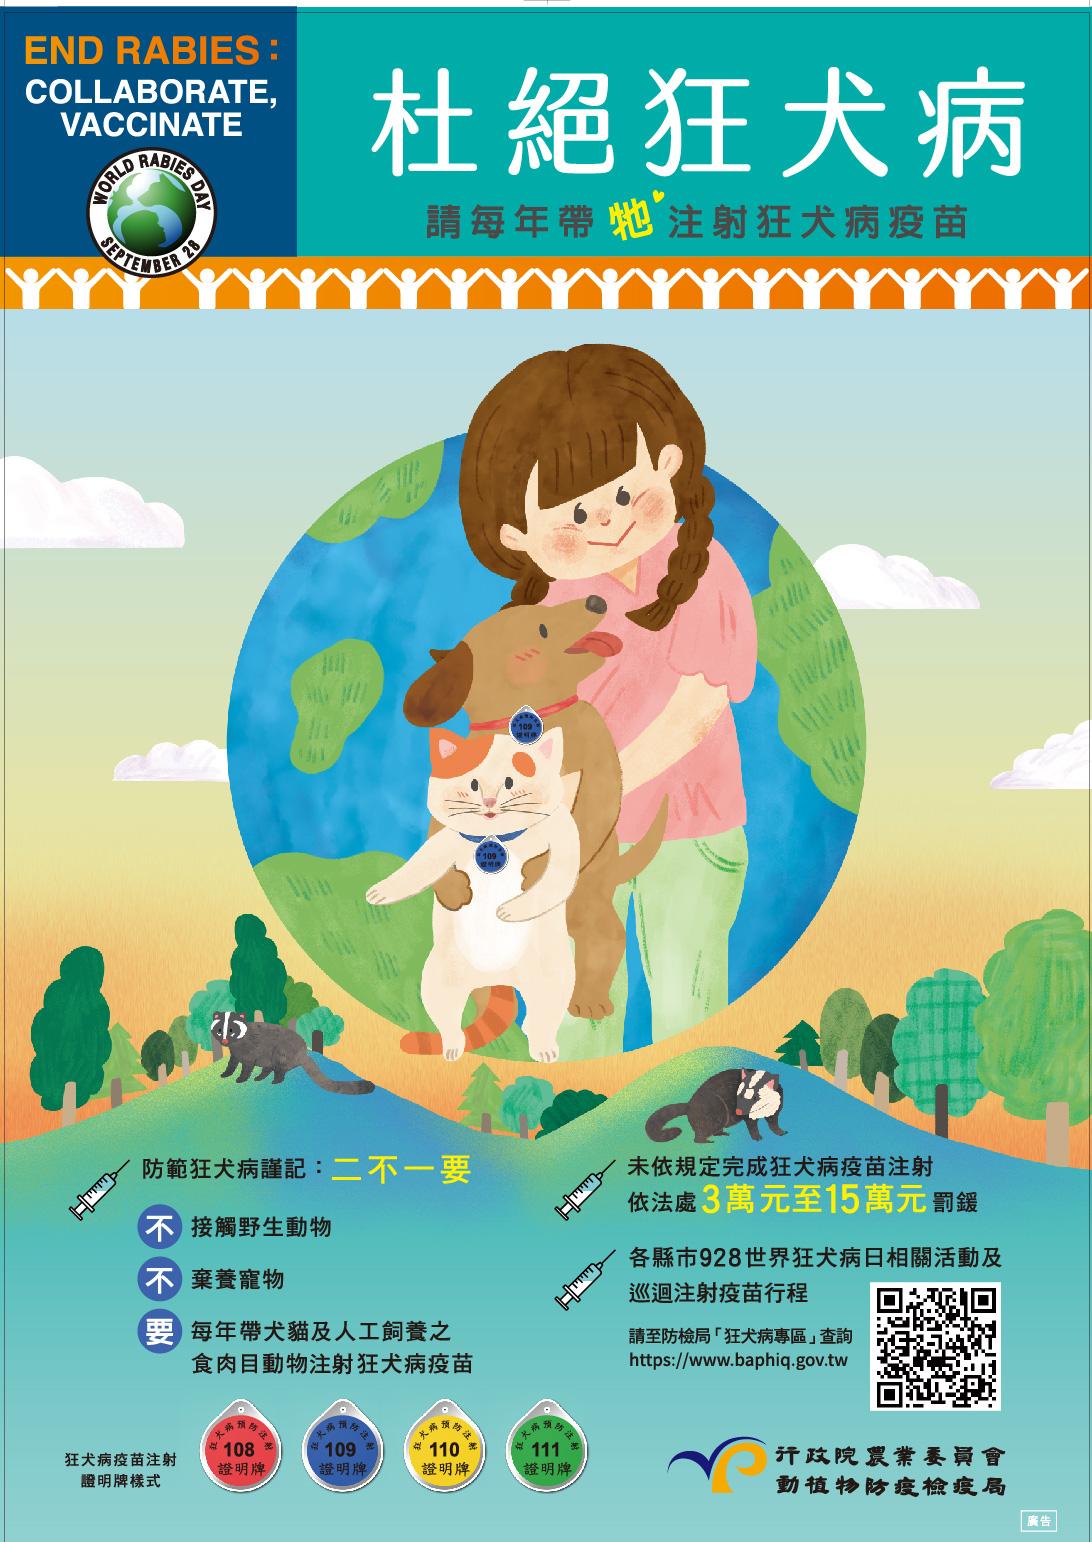 杜絕狂犬病—請每年帶牠注射狂犬病疫苗